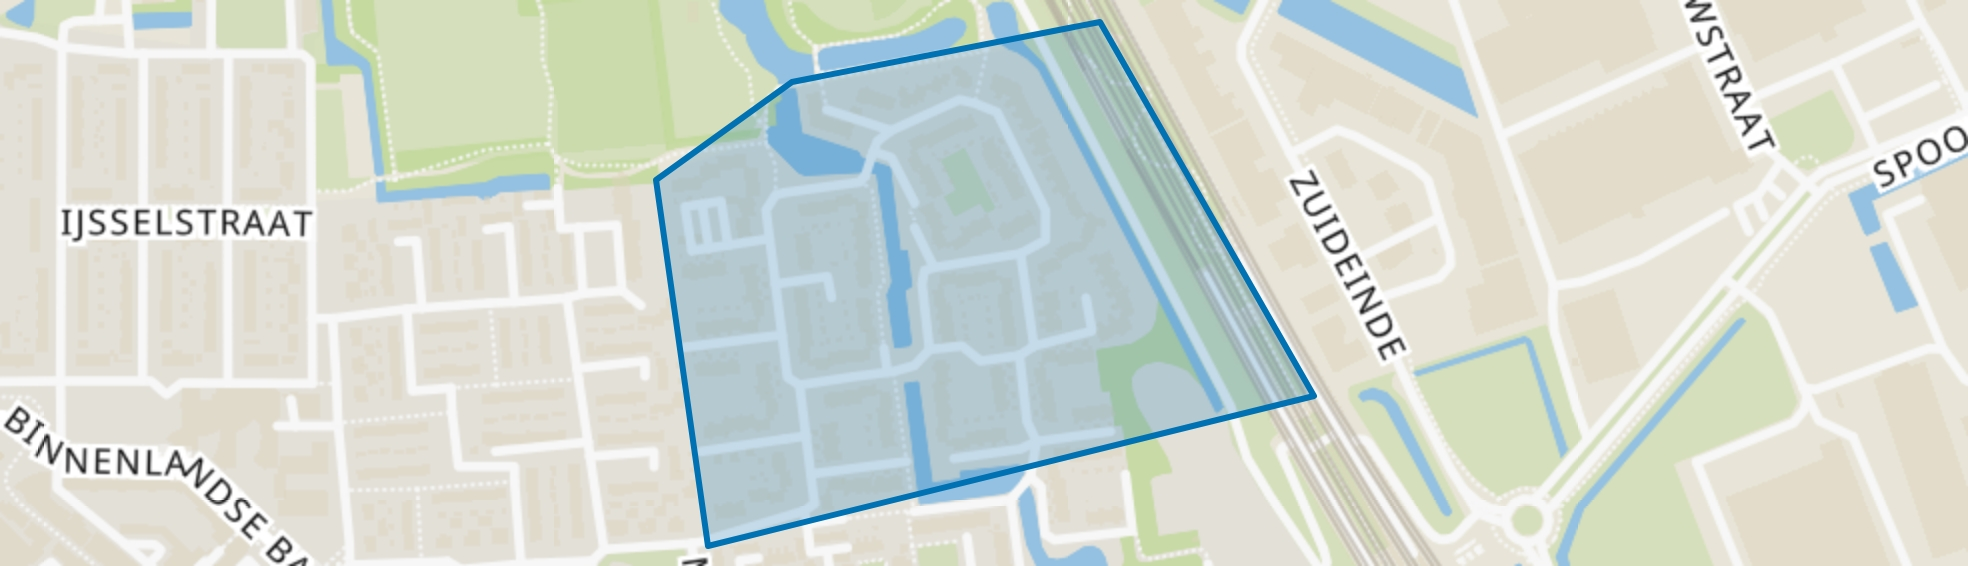 Binnenland, Barendrecht map